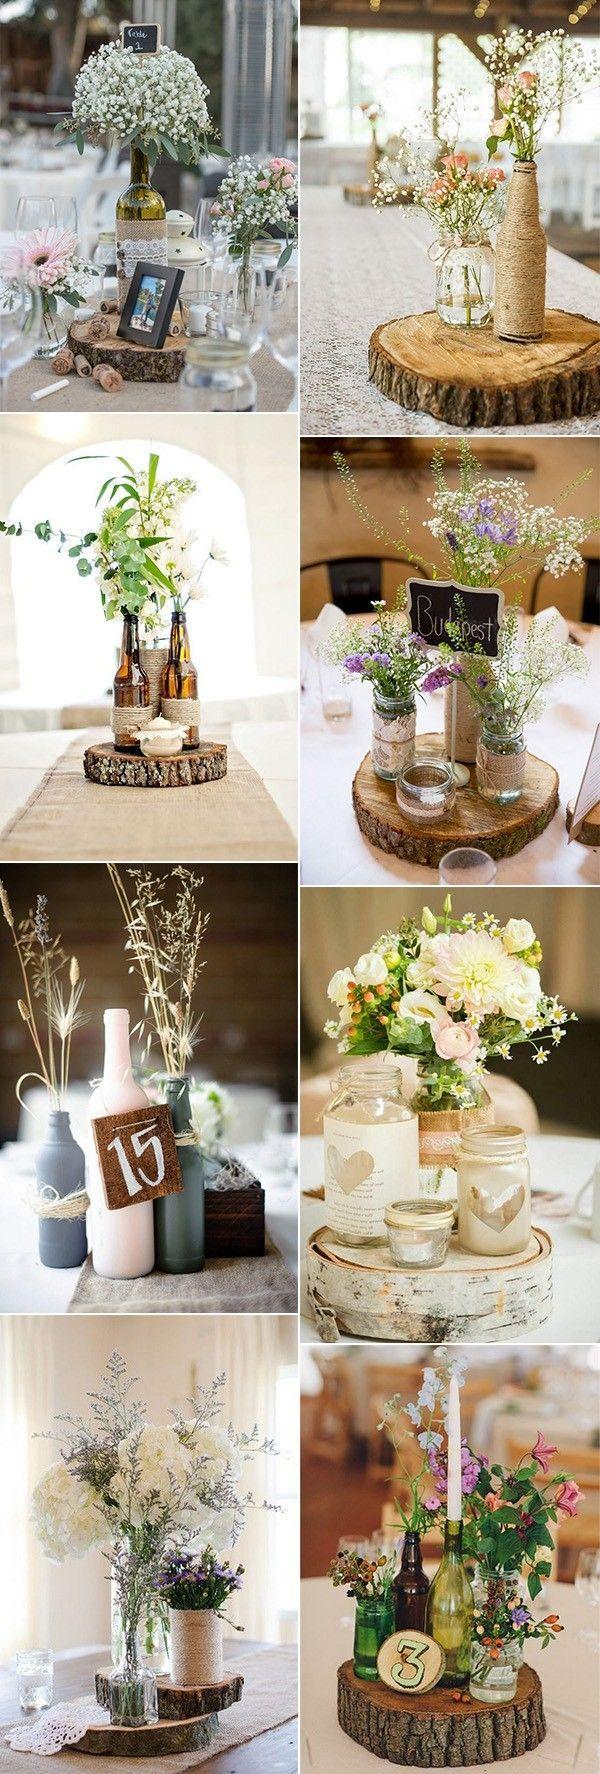 rustikale schicke Weinflaschen Hochzeit Herzstück Ideen #weddingideas #weddingd…